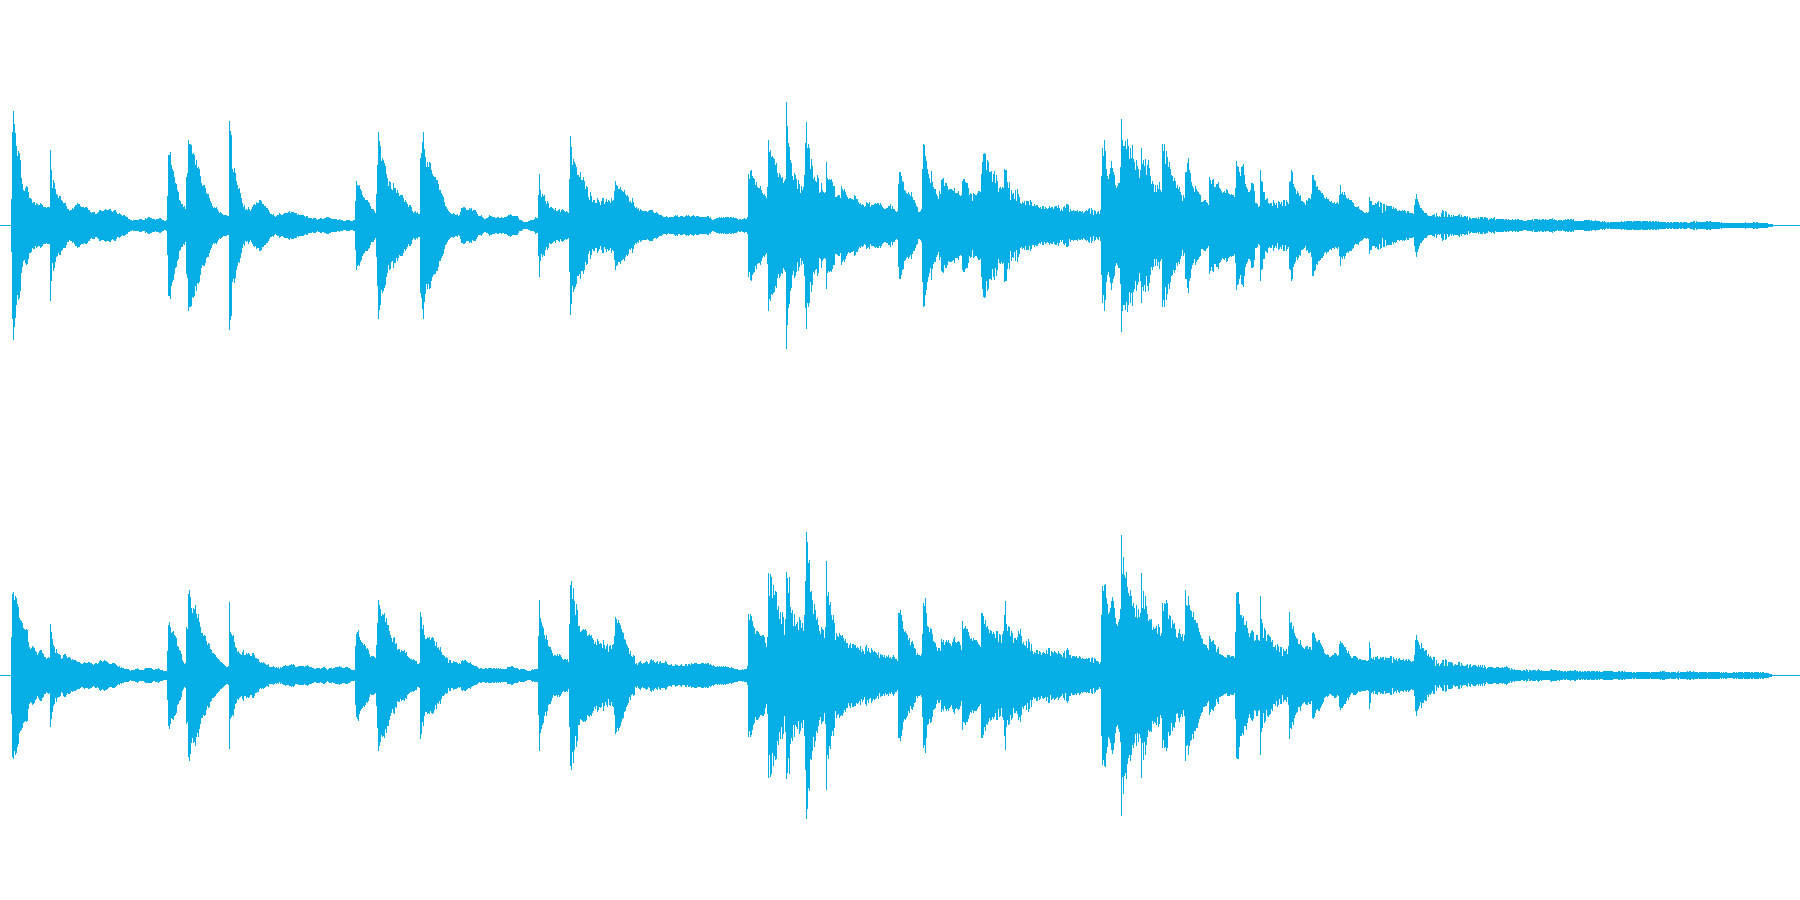 回想シーンに合うピアノソロの再生済みの波形